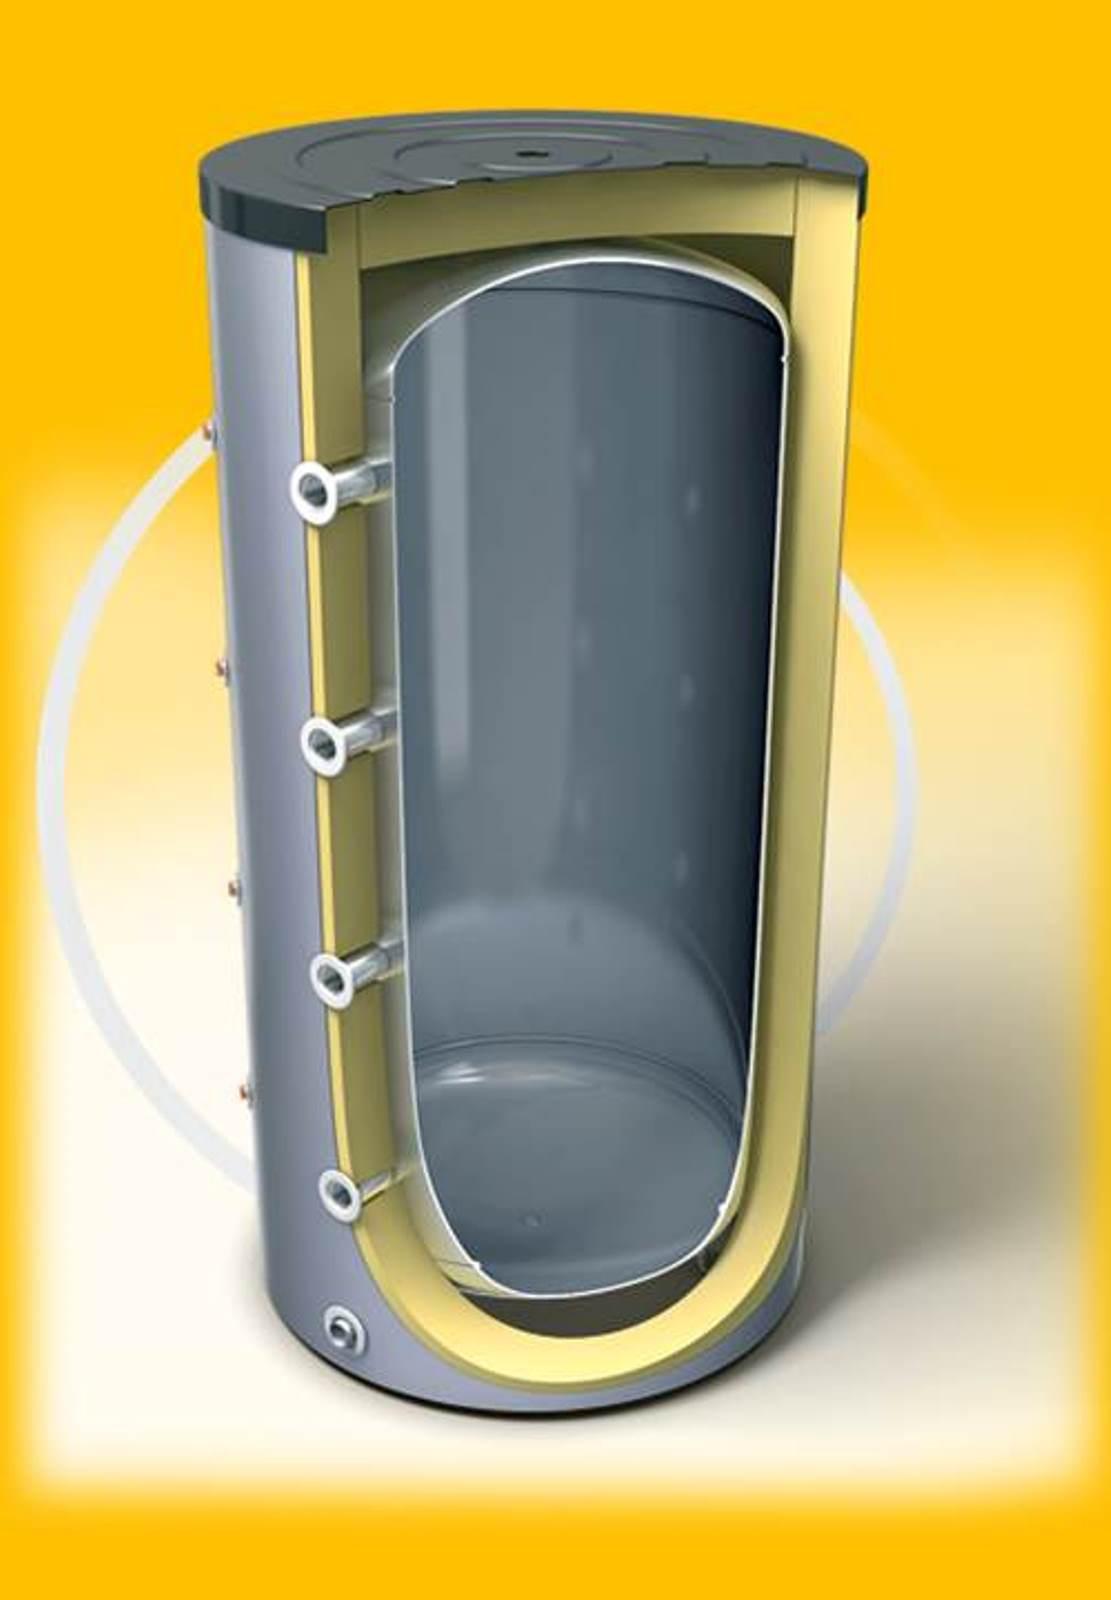 pufferspeicher 200 bis 2000 liter ohne oder mit w rmetauscher solarspeicher bhkw ebay. Black Bedroom Furniture Sets. Home Design Ideas